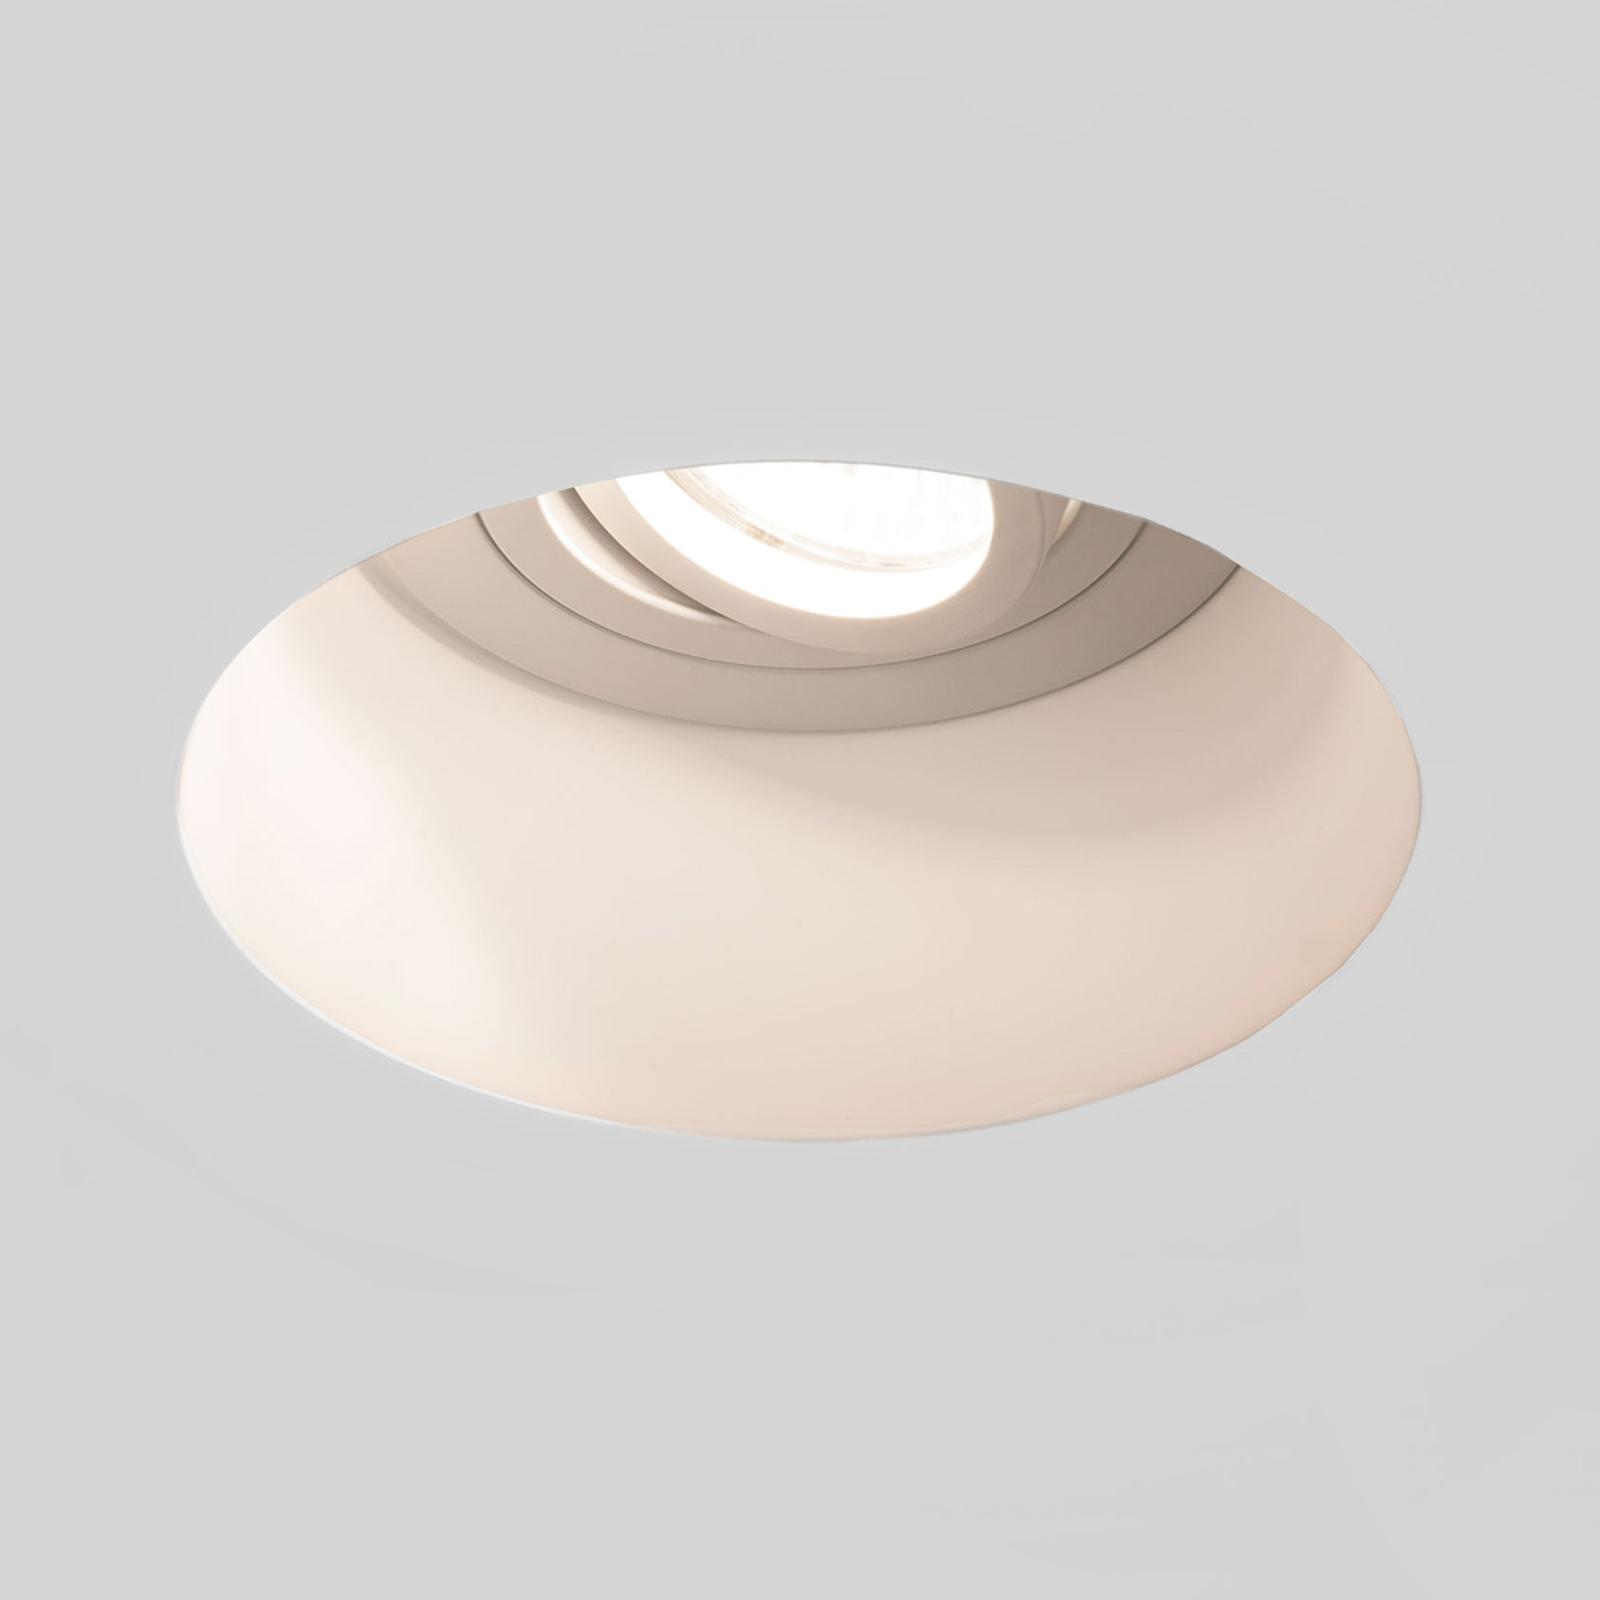 Astro Blanco Round Ajustable Gips-Einbauleuchte